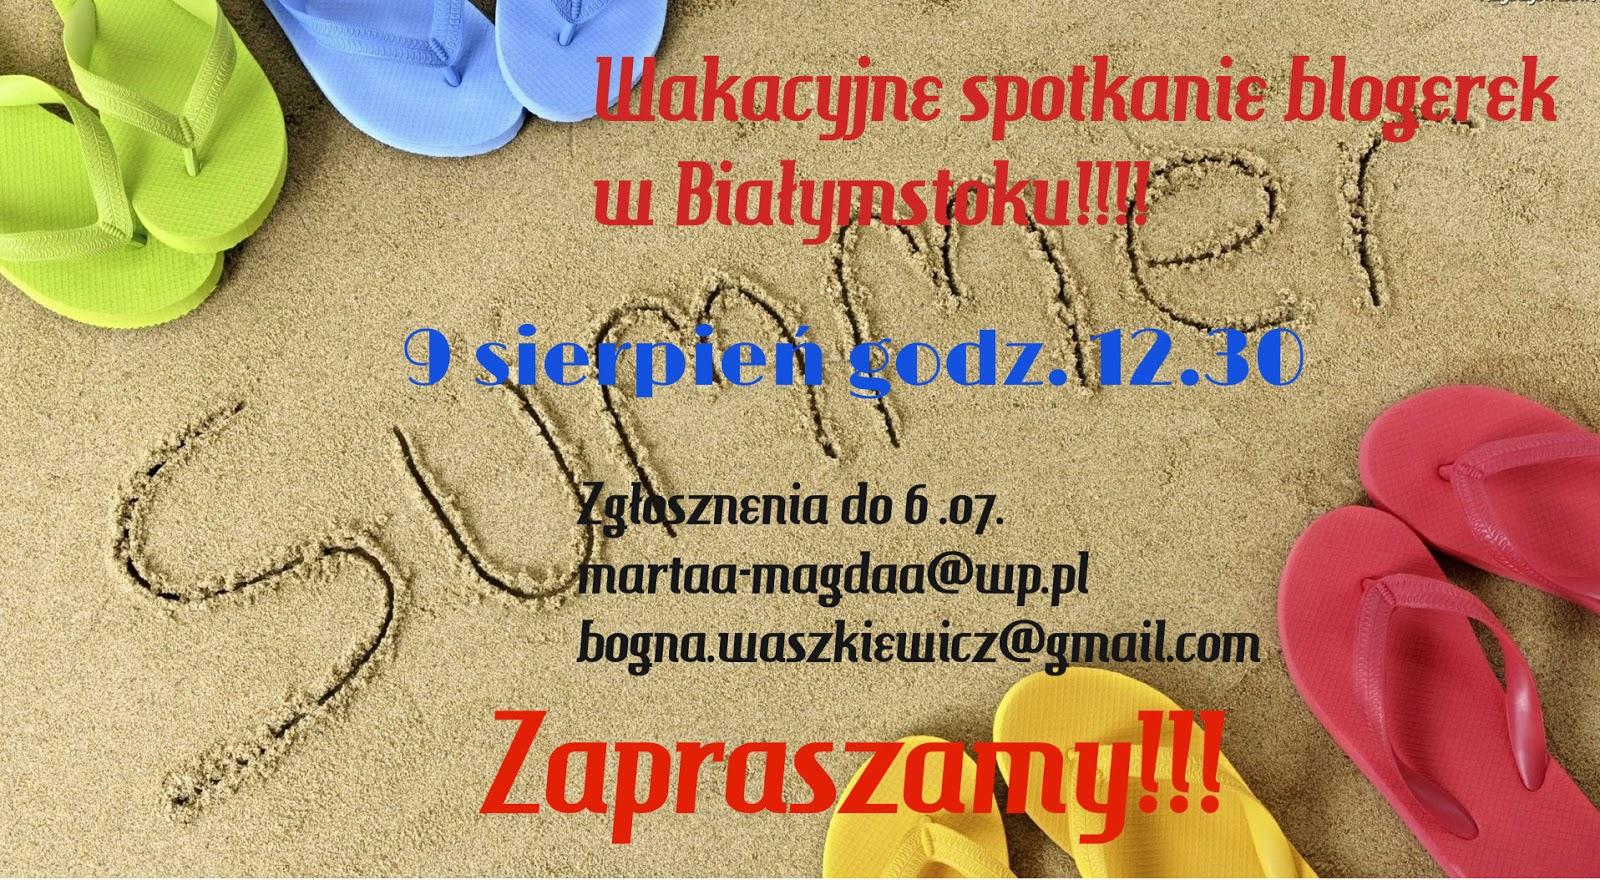 Wakacyjne spotkanie blogerek w Białymstoku!!!